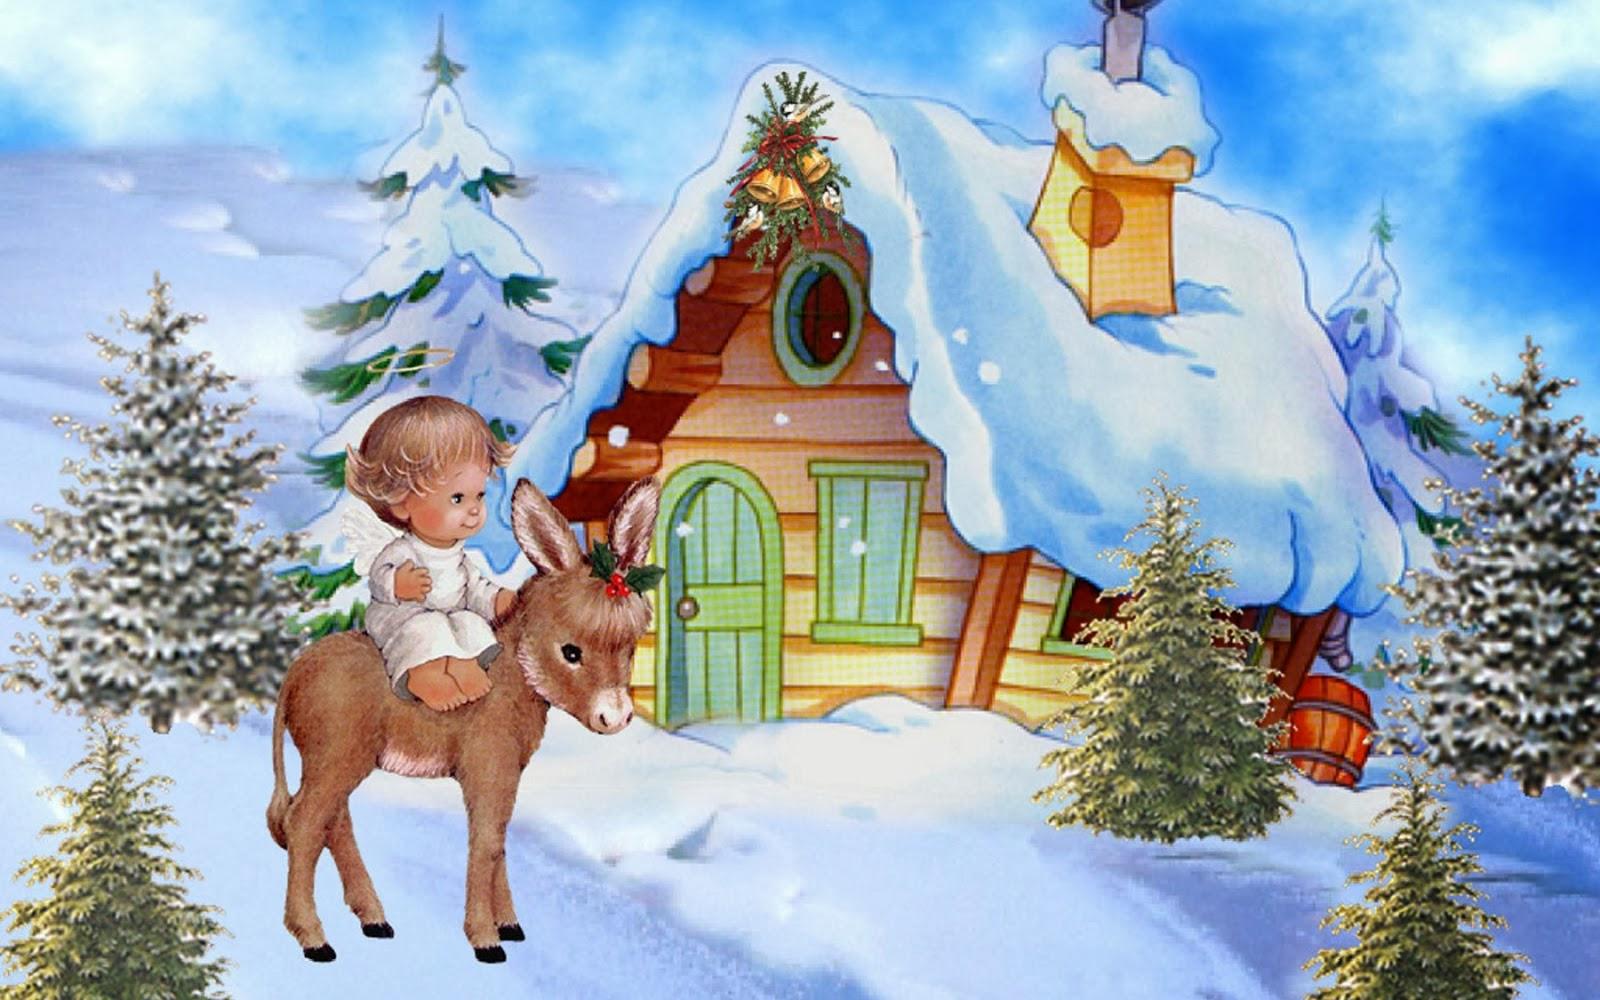 Little Baby Christmas Angel Desktop Wallpaperjpg 1600x1000